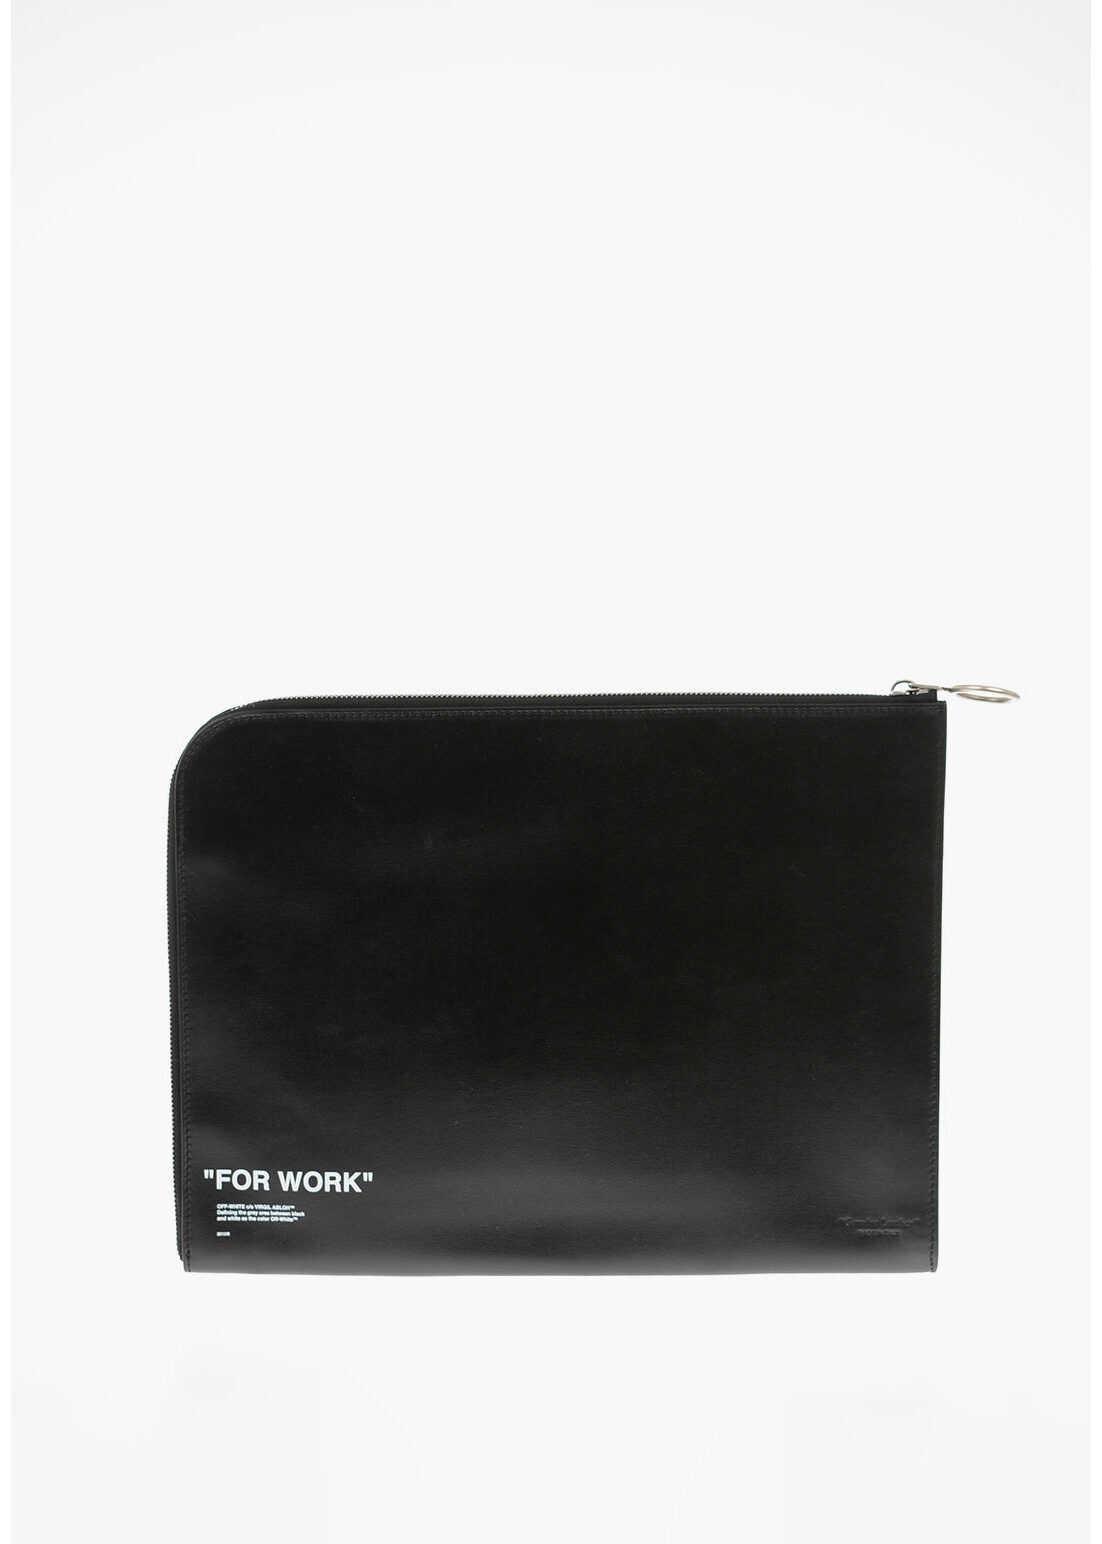 Off-White Leather QUOTE Briefcase BLACK imagine b-mall.ro